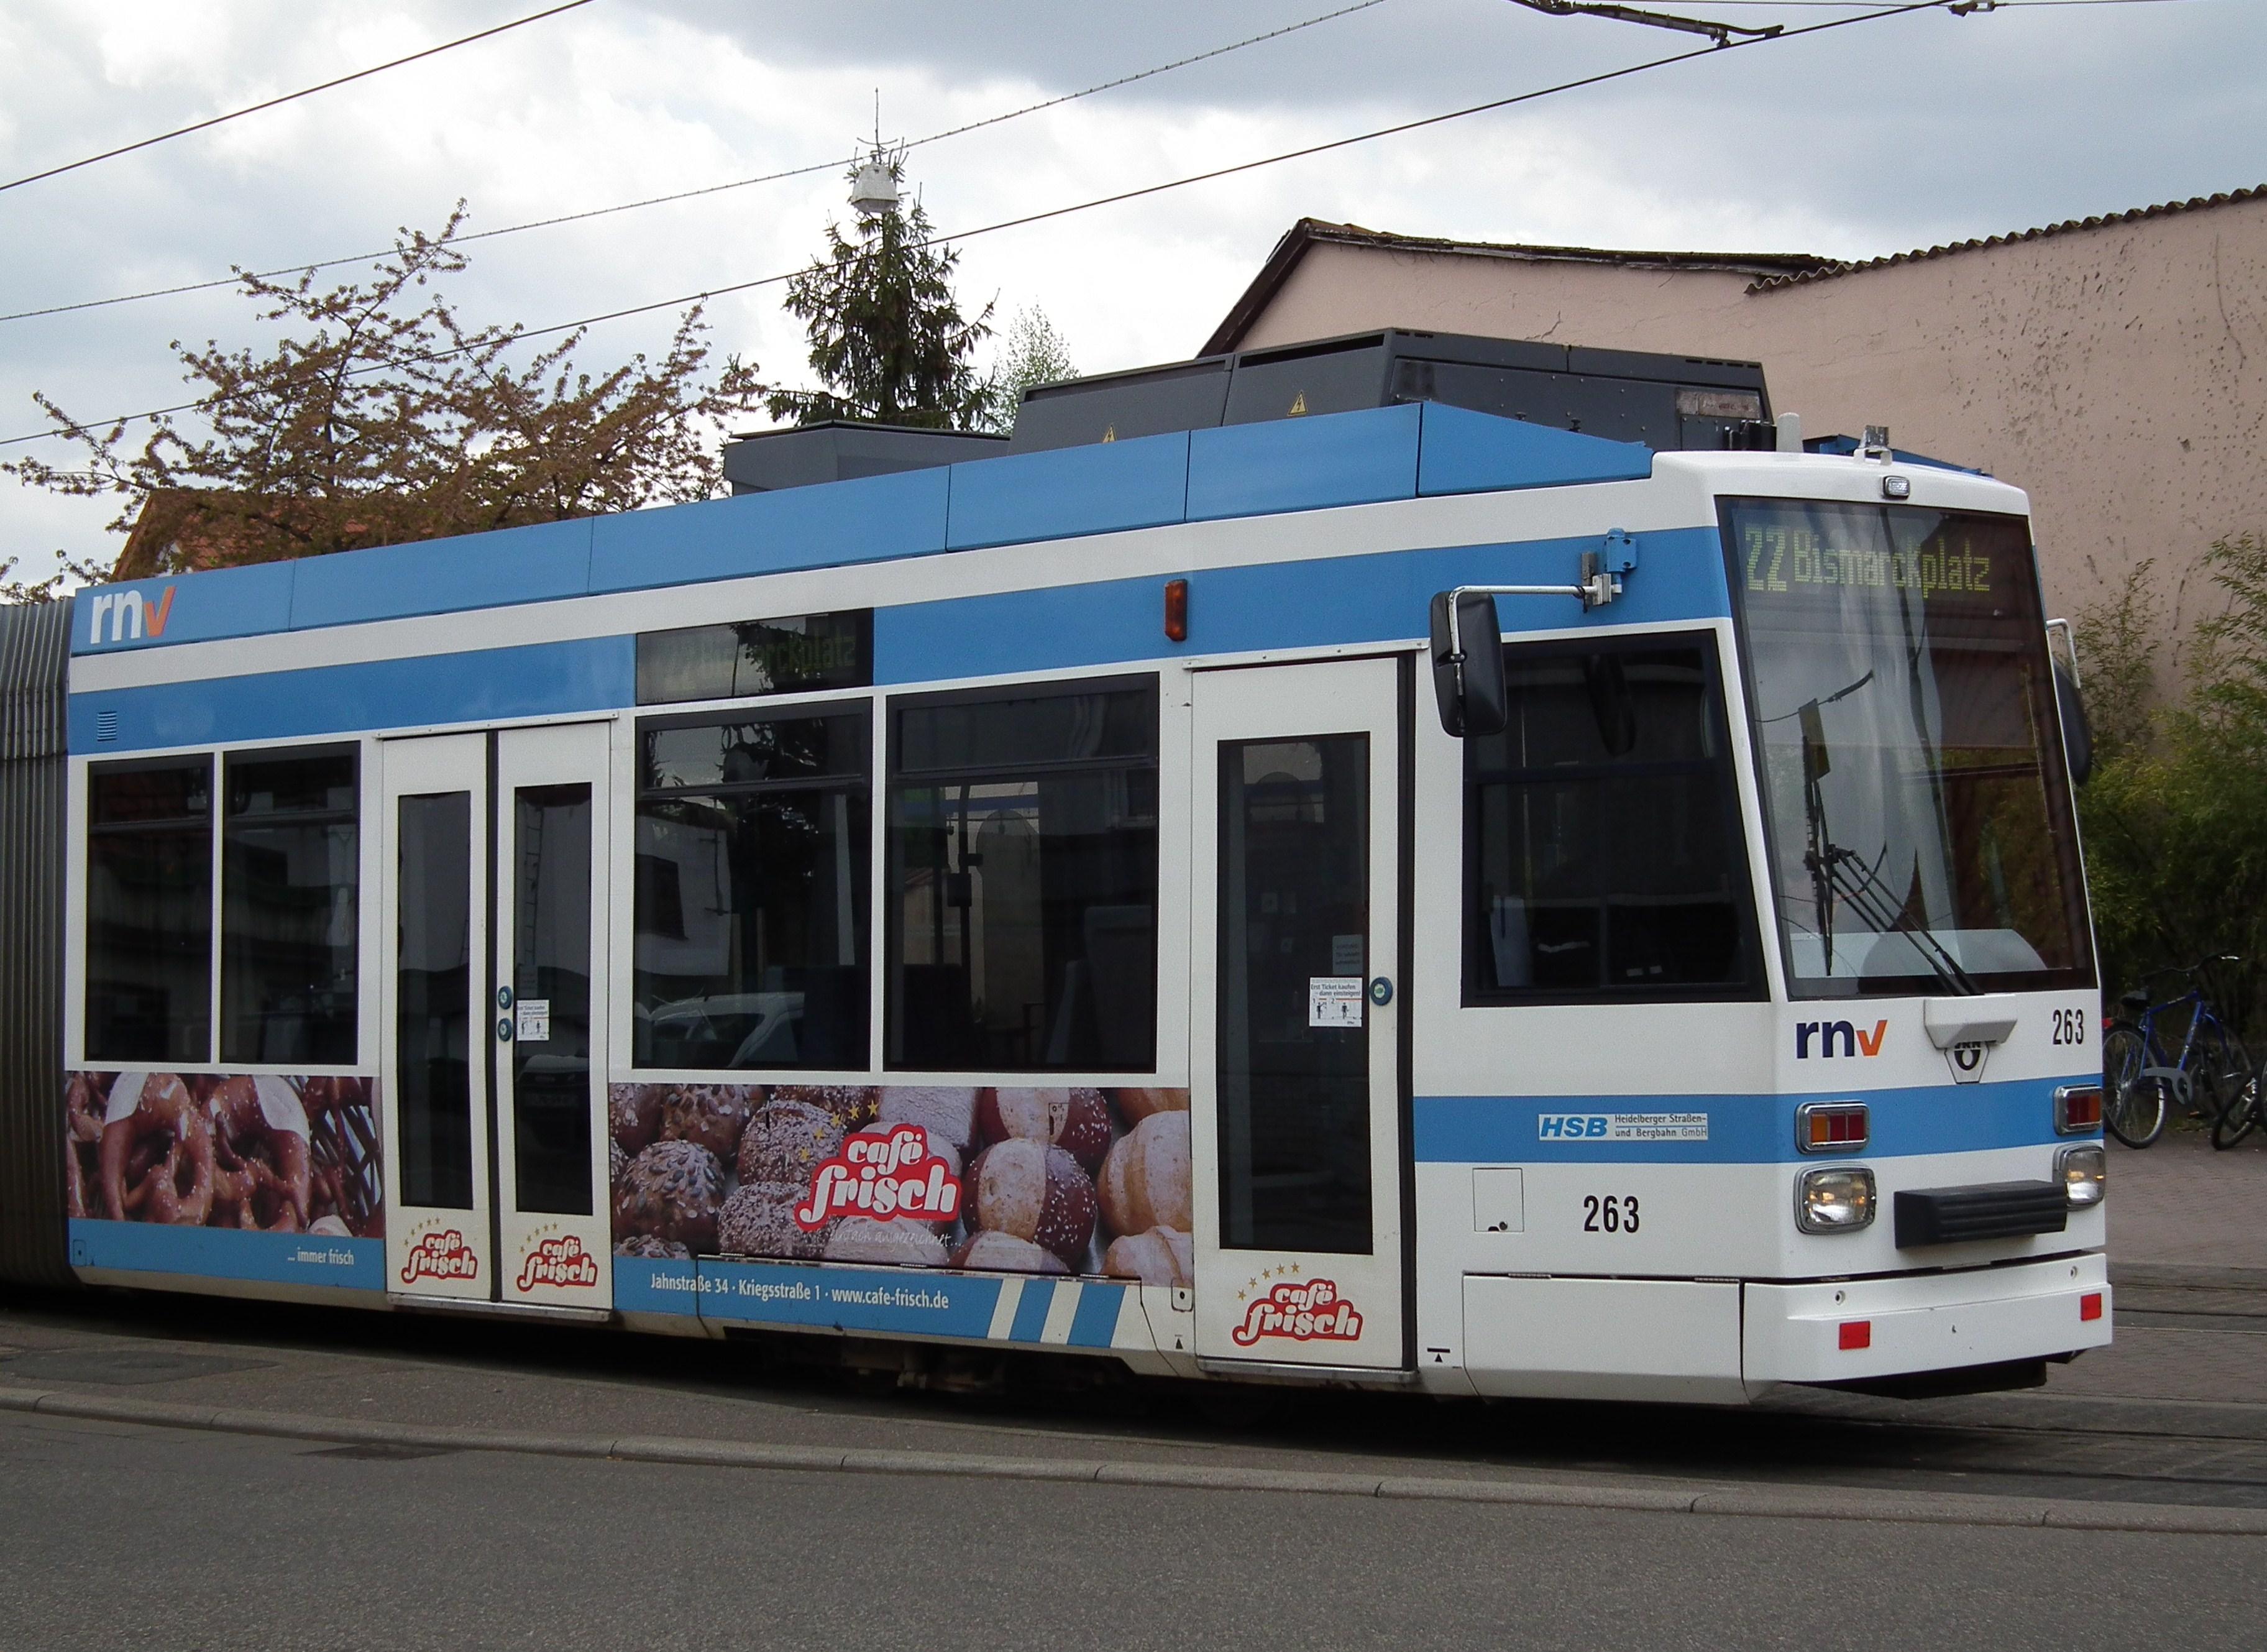 Wagen 263 RNV Linie 22.JPG